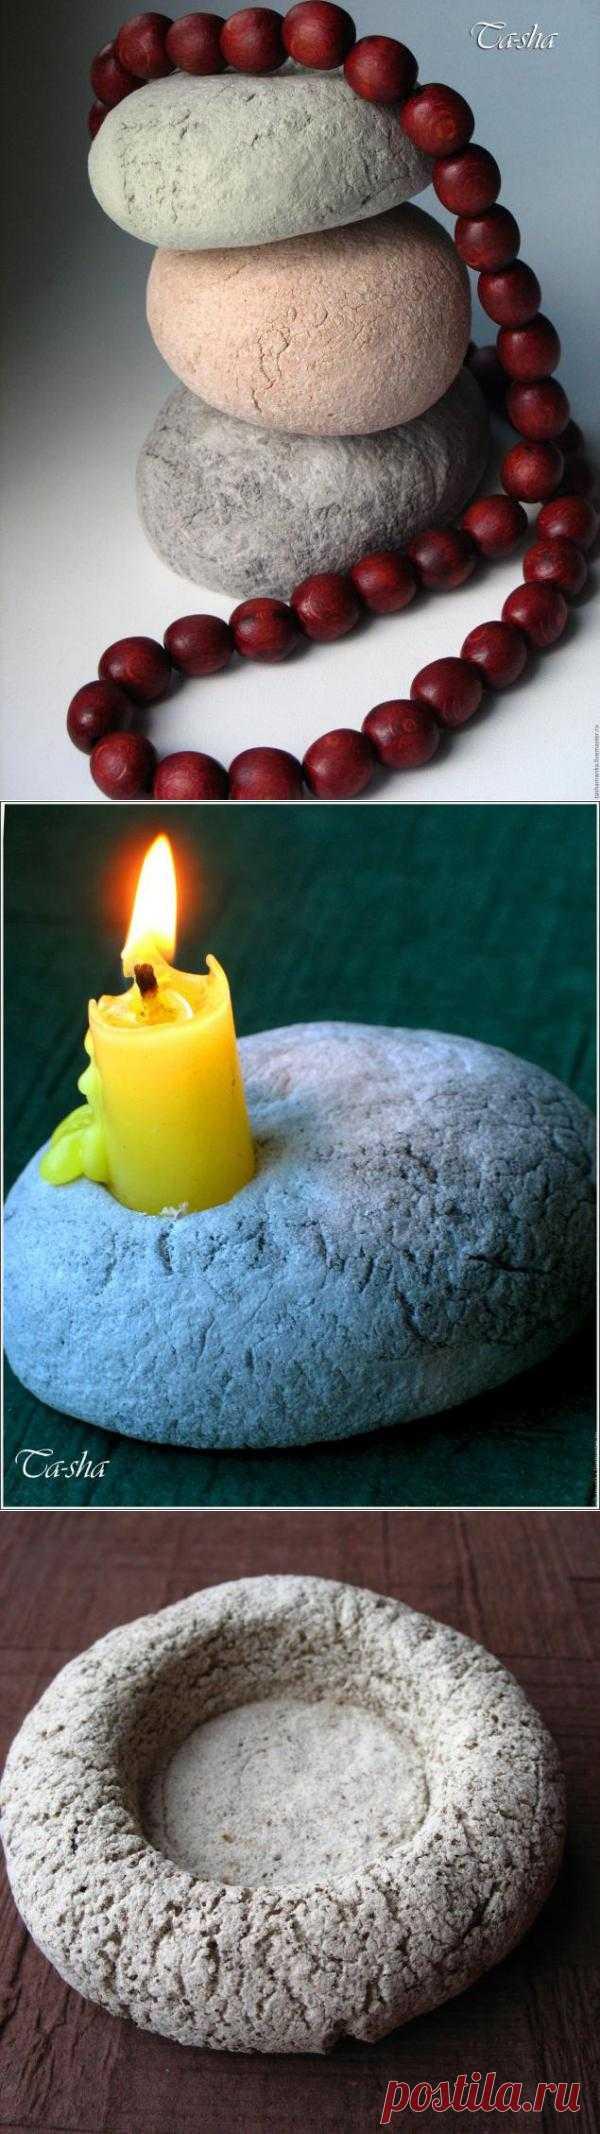 А давайте сделаем камни своими руками? Зачем? Из них можно делать пепельницы, подсвечники, альпийскую горку и тд.